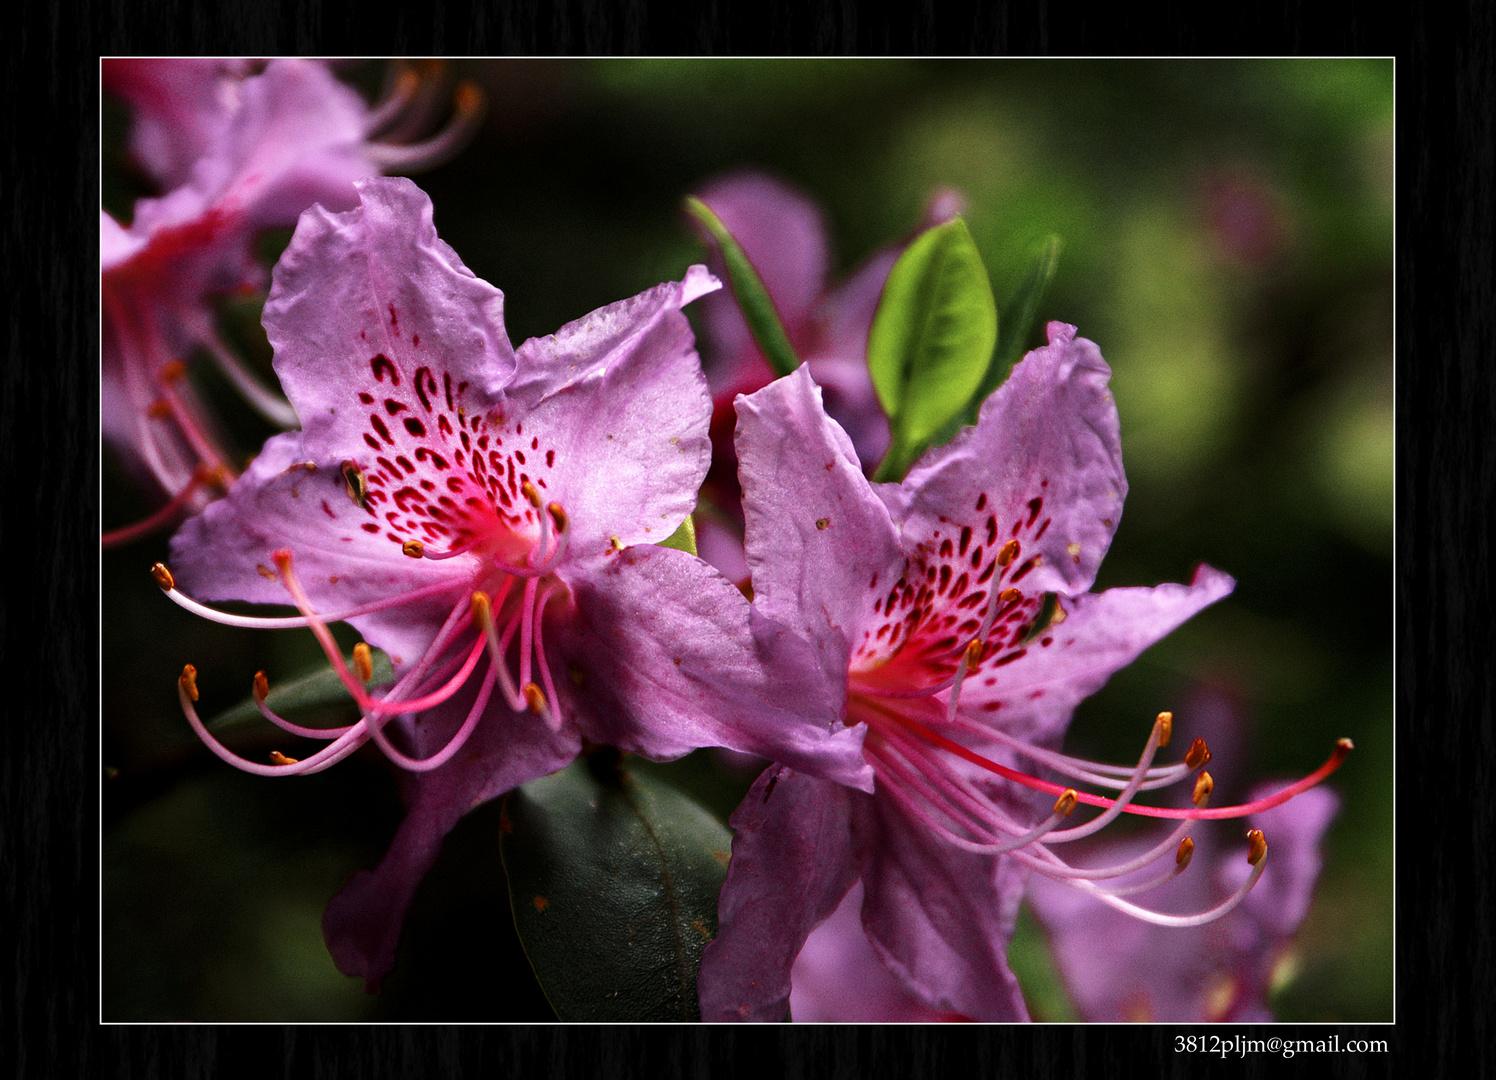 Extensiones florales